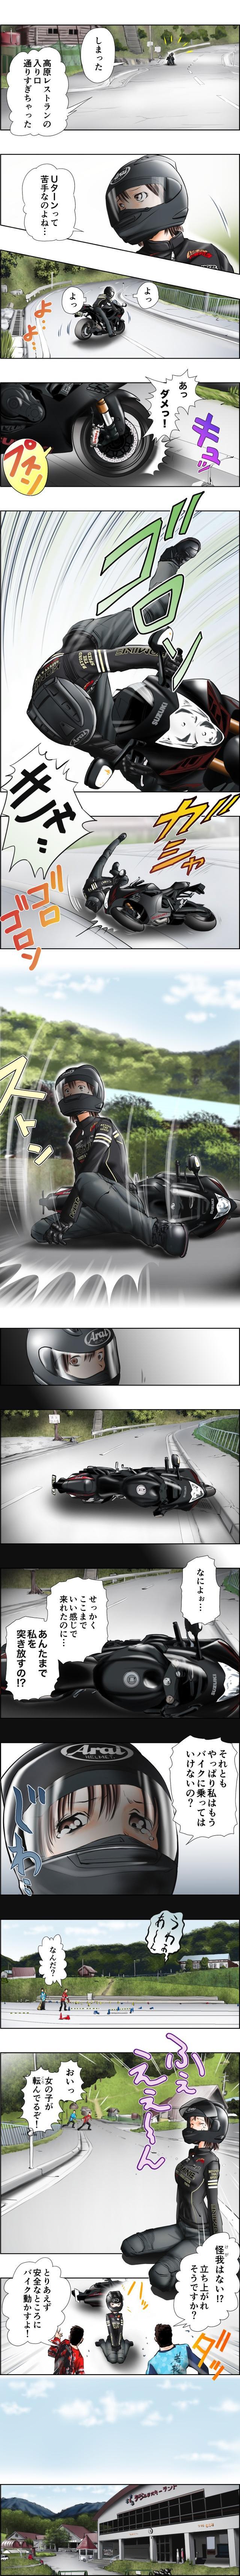 画像6: Motoジム!(第1話:私、ジムカーナやる!)  作・ばどみゅーみん